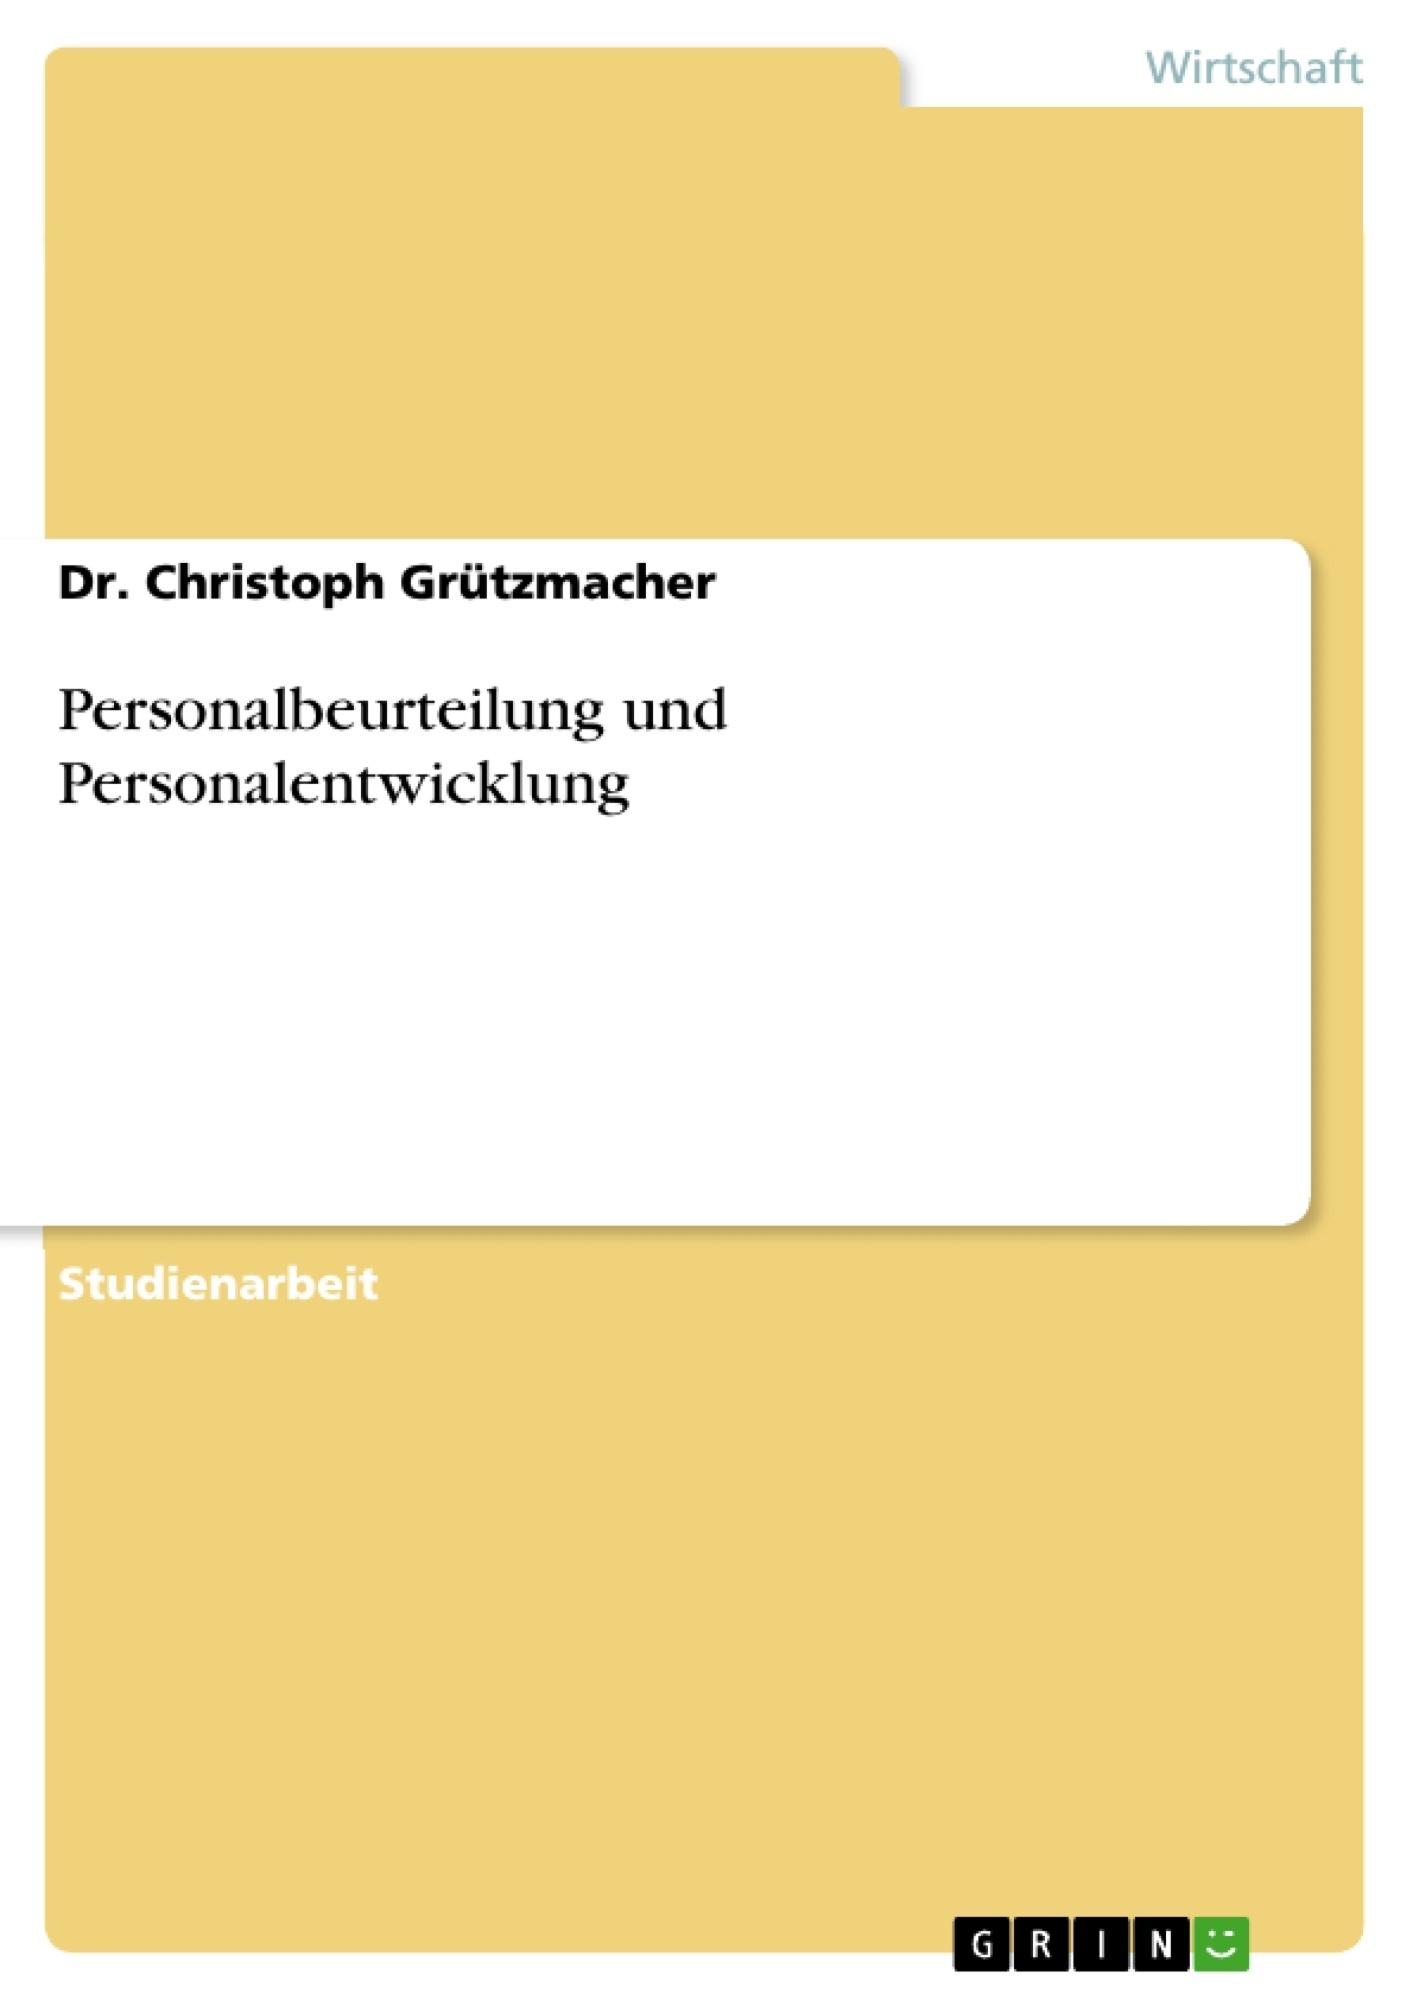 Titel: Personalbeurteilung und Personalentwicklung